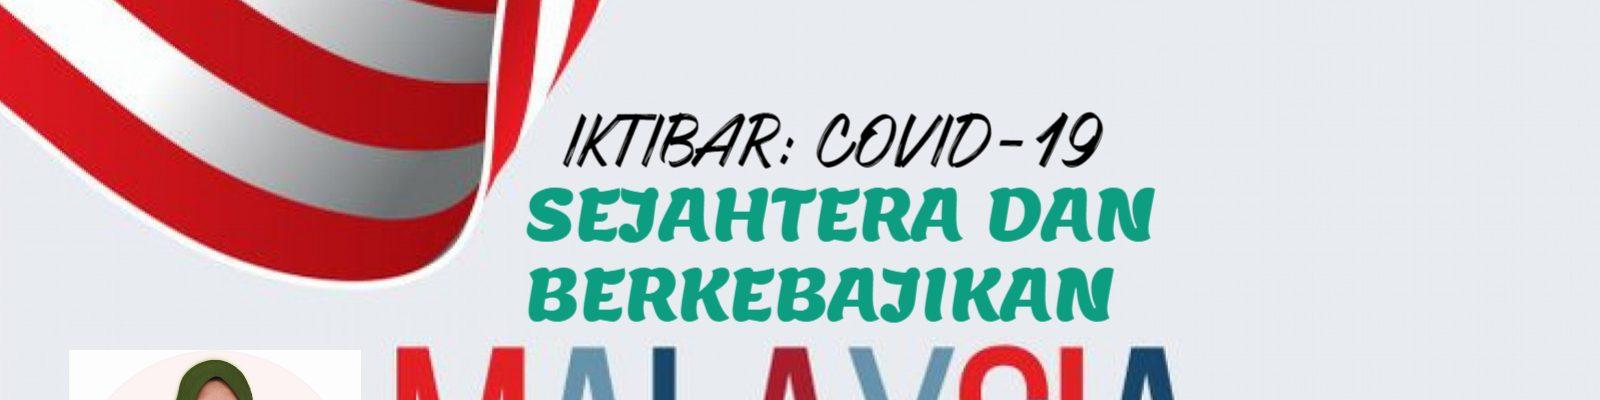 Iktibar Covid-19: Sejahtera Dan Berkebajikan